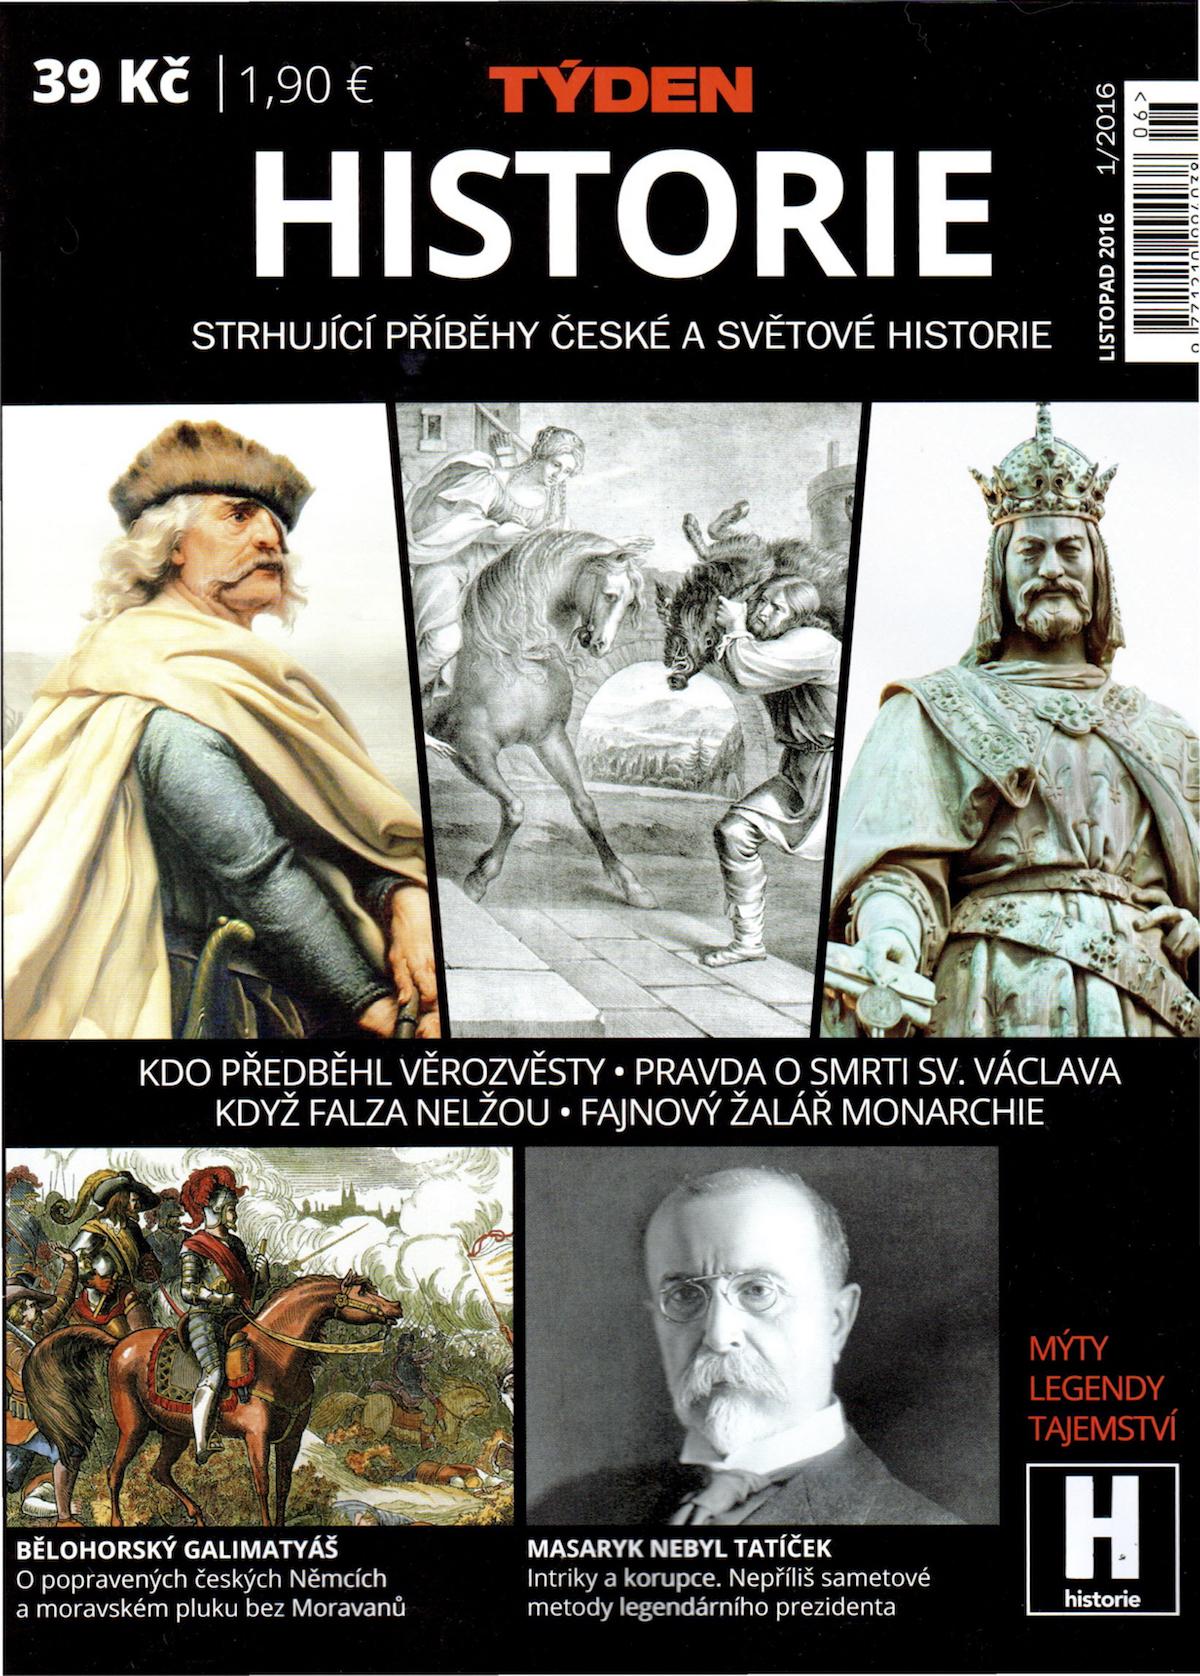 Titulní strana prvního vydání speciálu Týden Historie